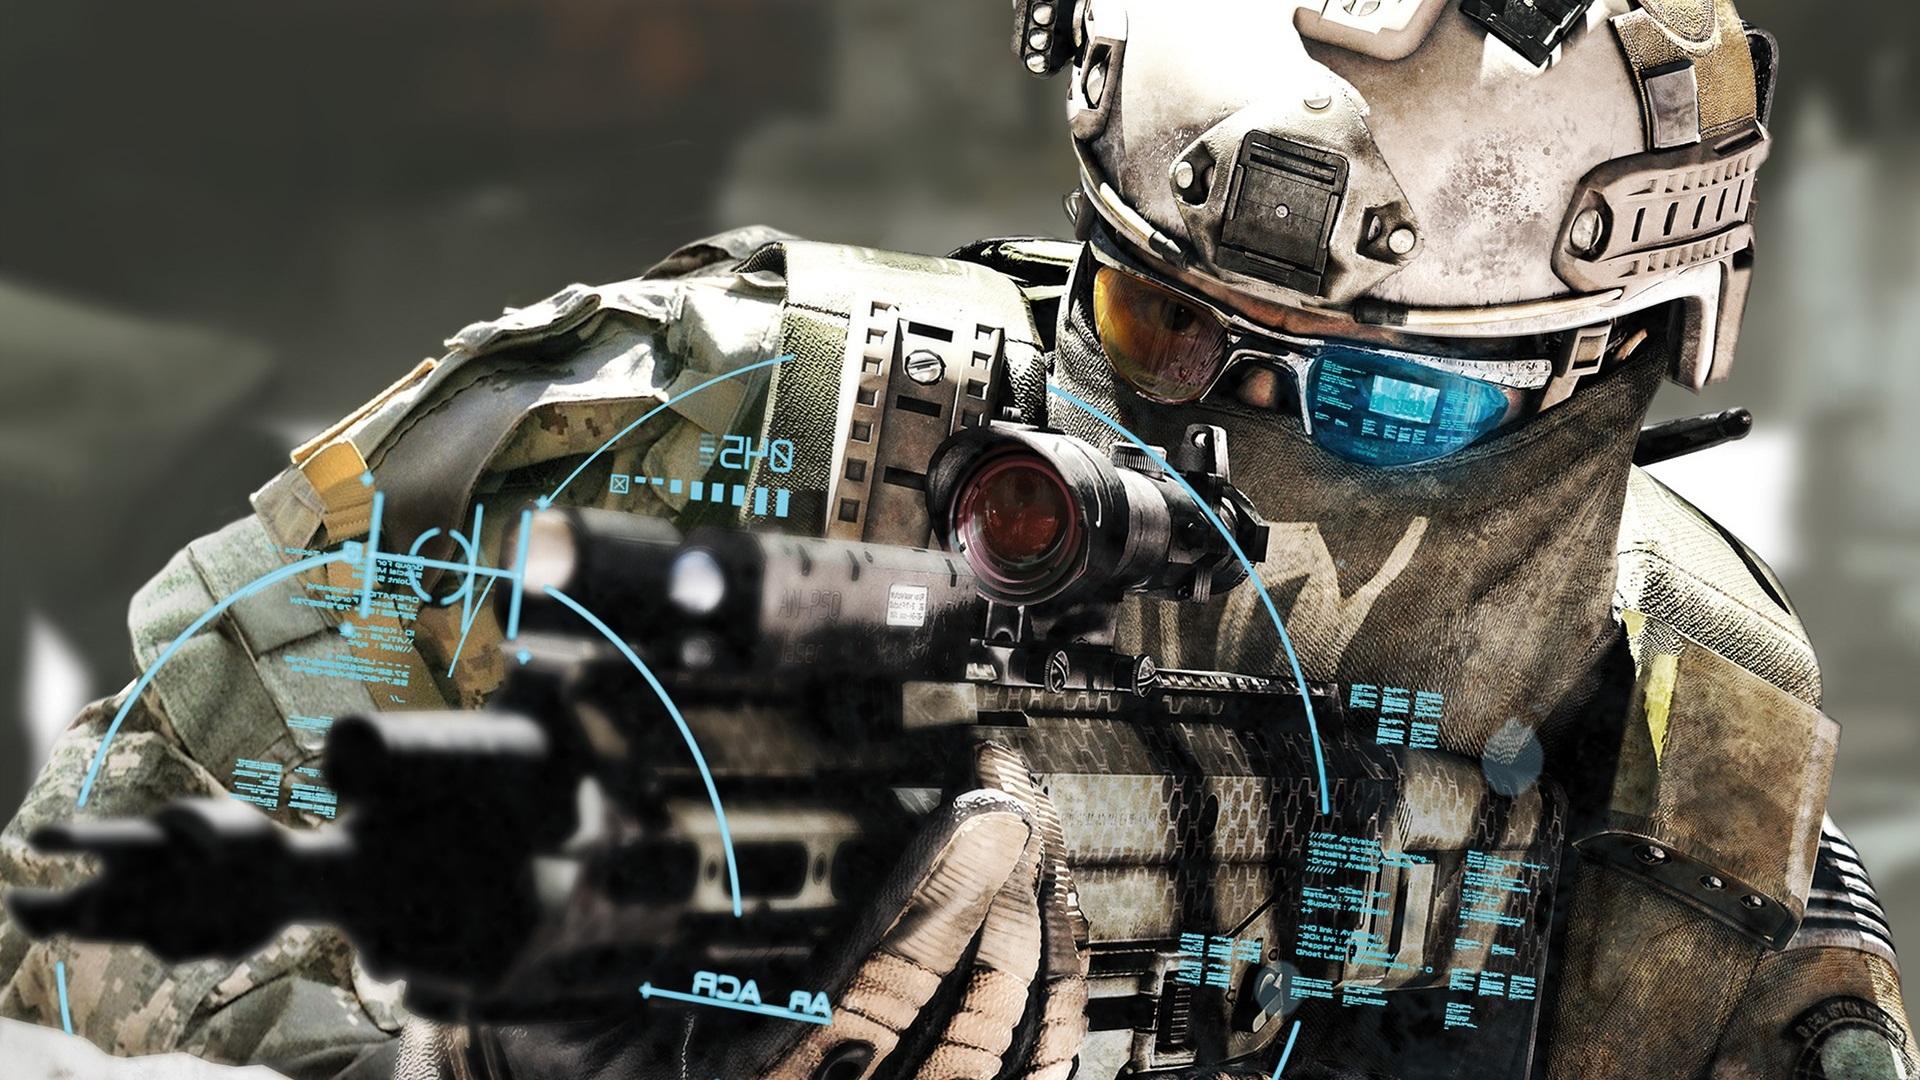 кибер солдат будущего, обои для рабочего стола, американский солдат, american US soldier wallpaper